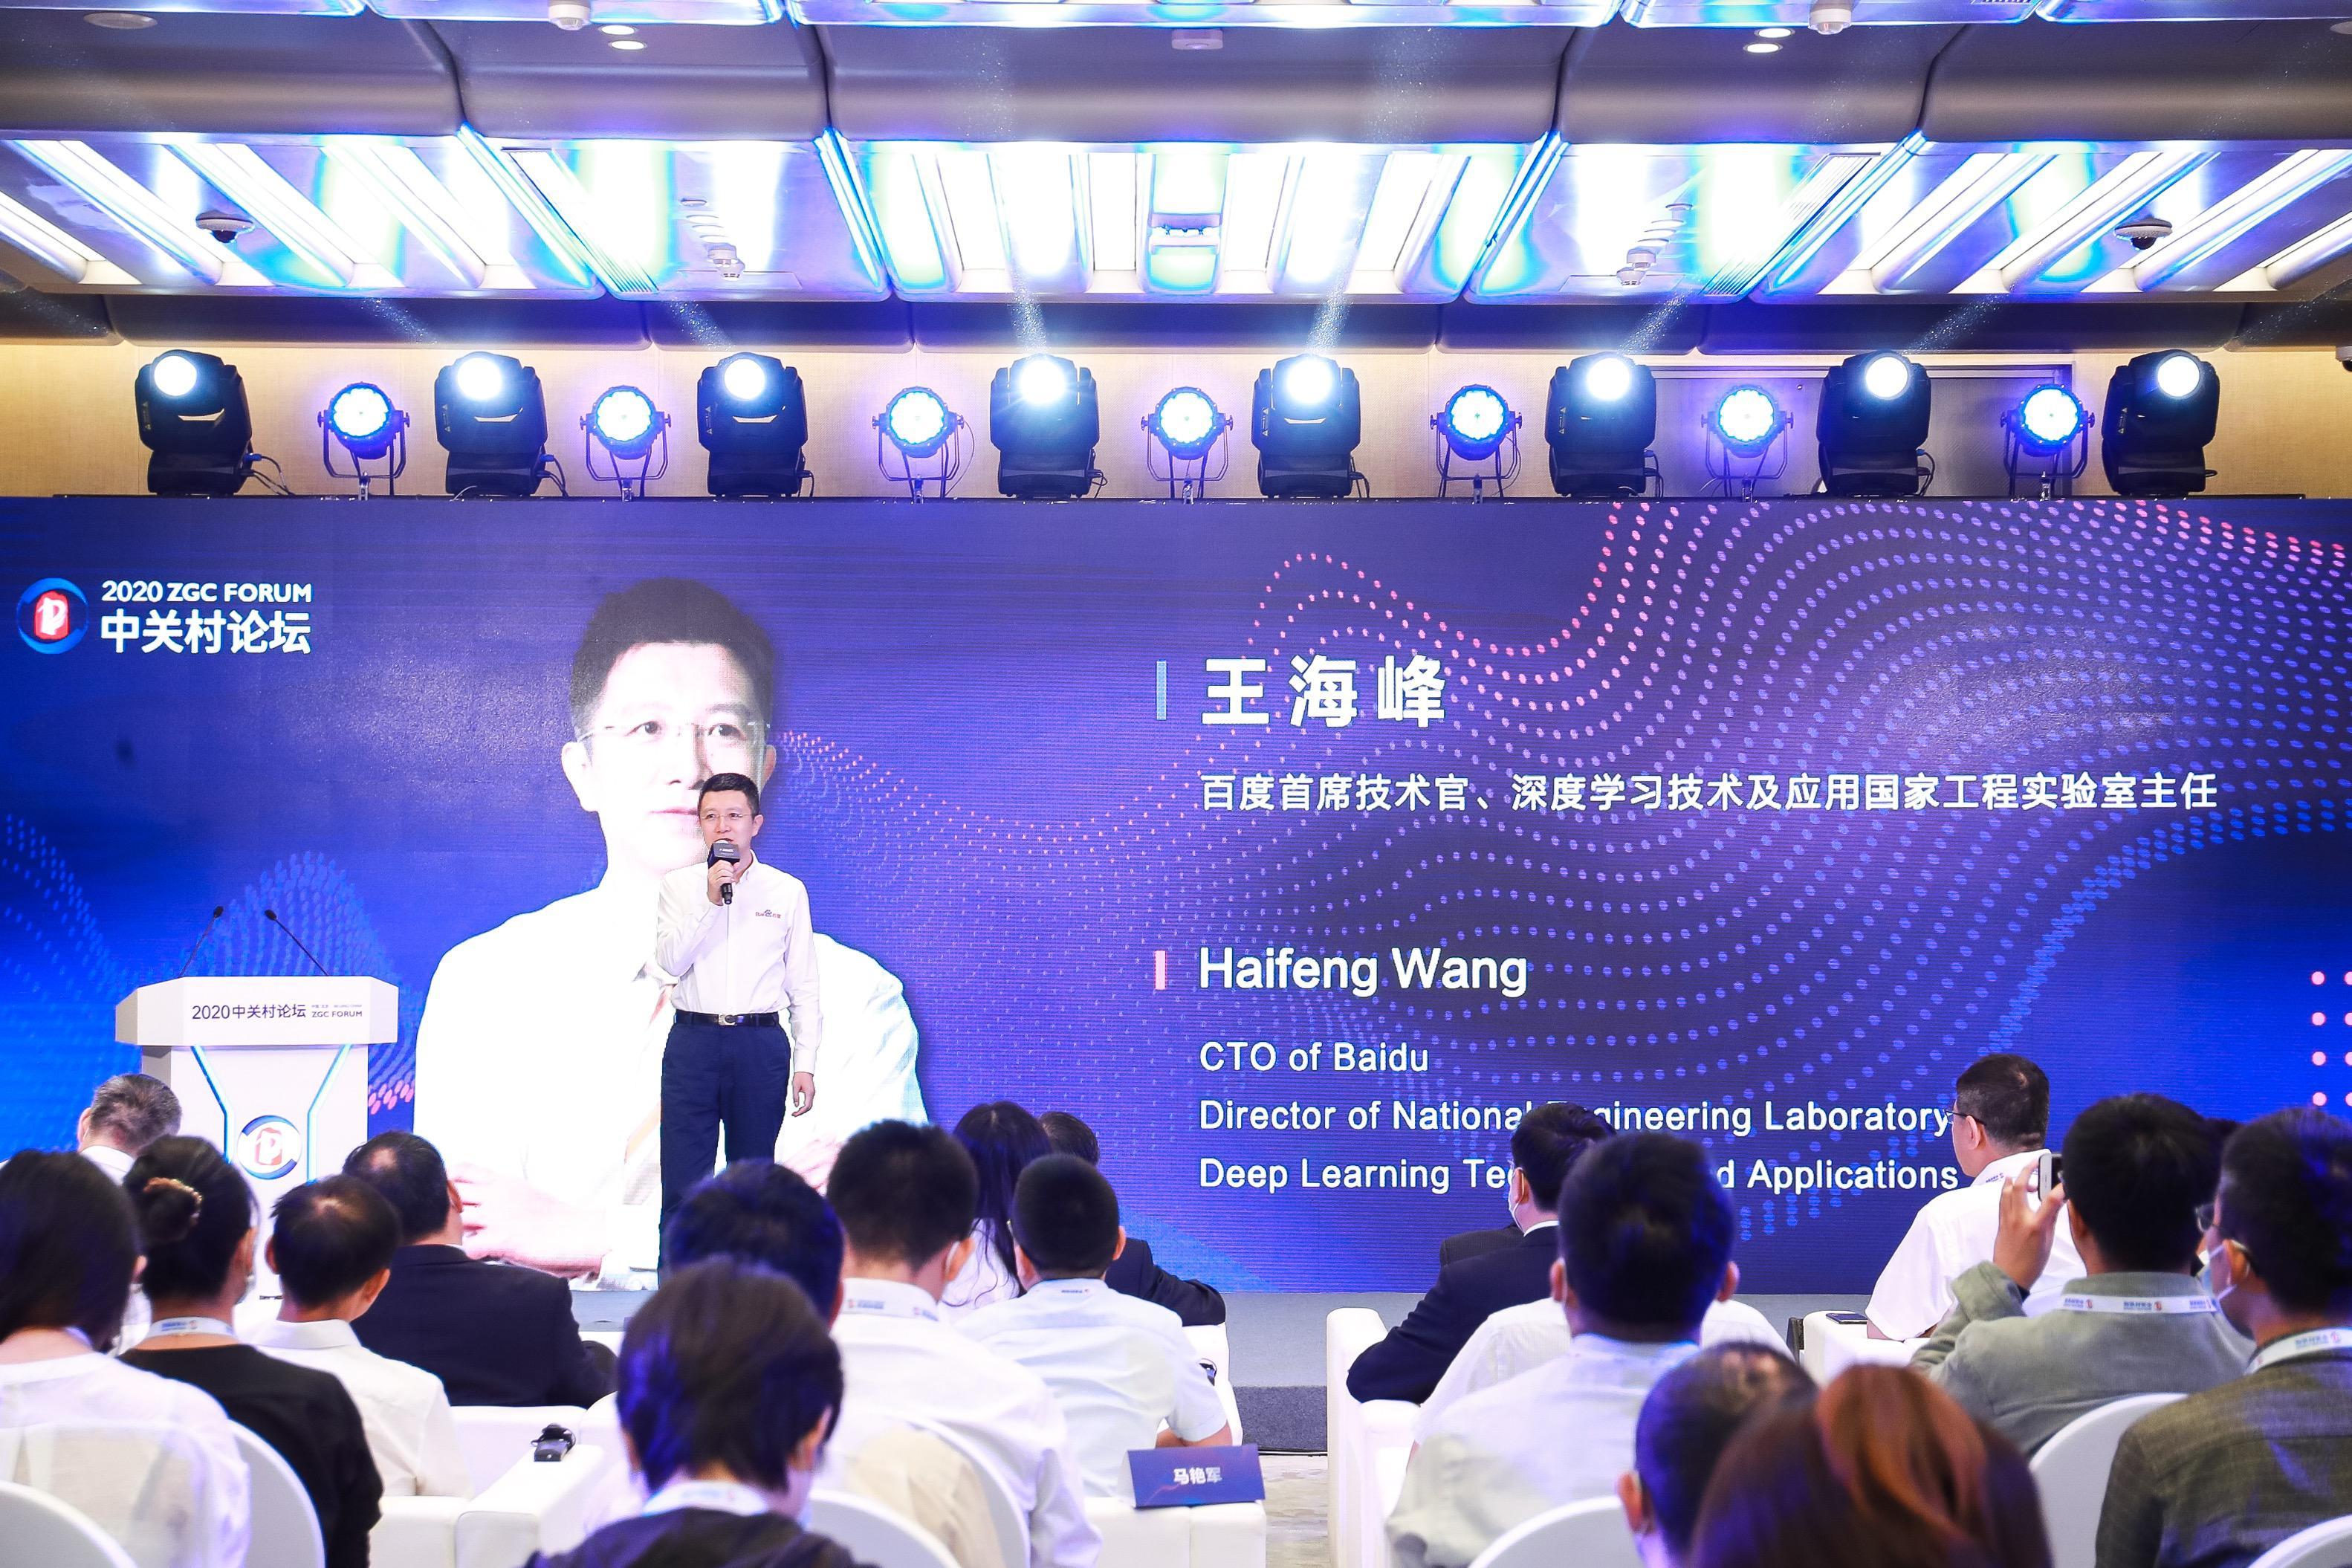 百度CTO王海峰:AI开源创新加速人工智能发展